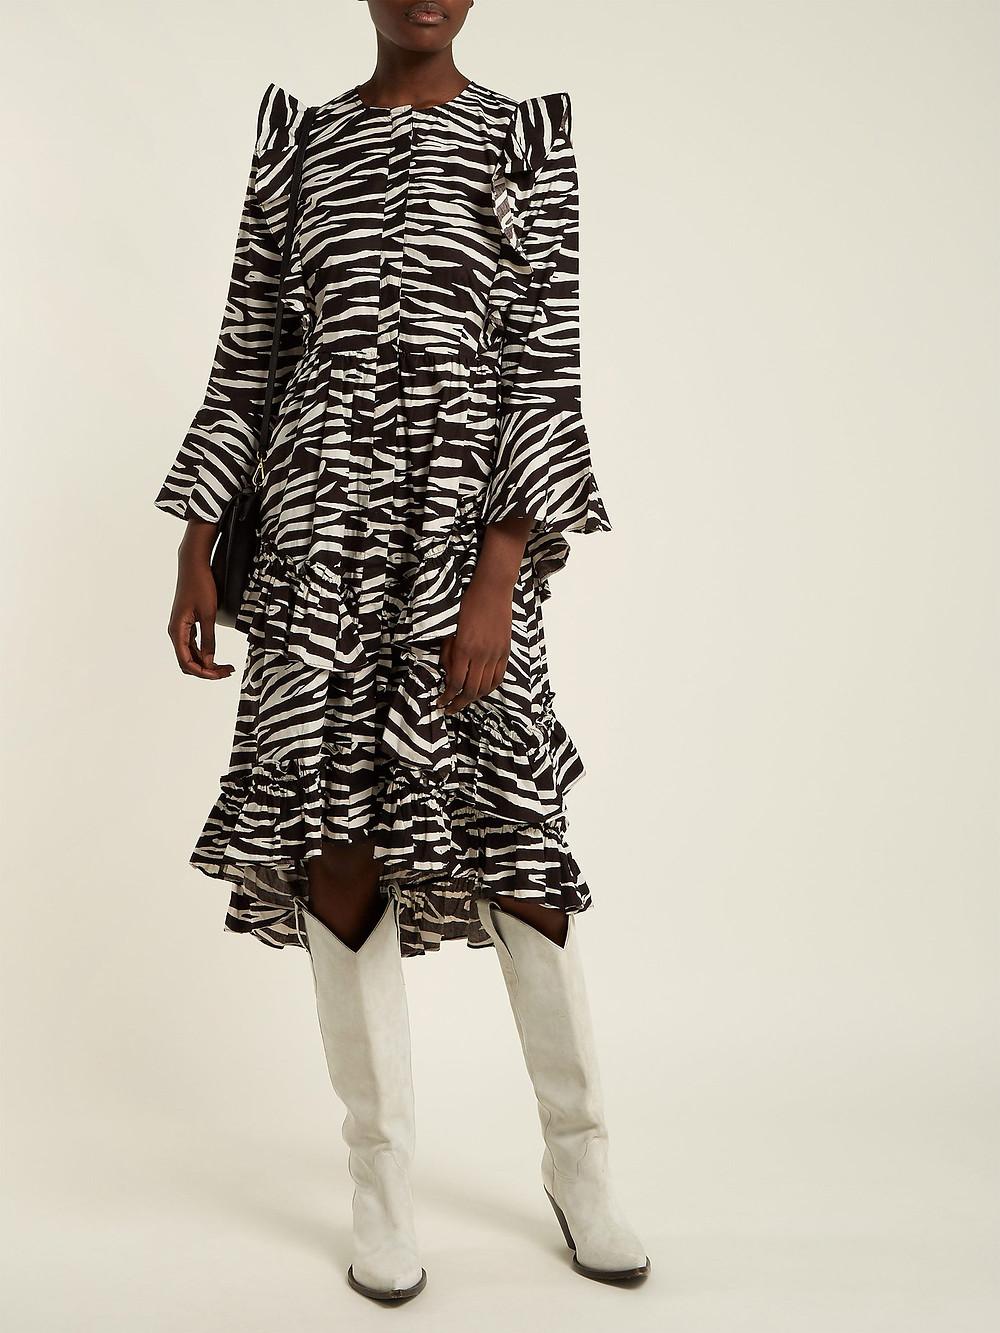 Ganni Faulkner zebra-print cotton midi dress $228